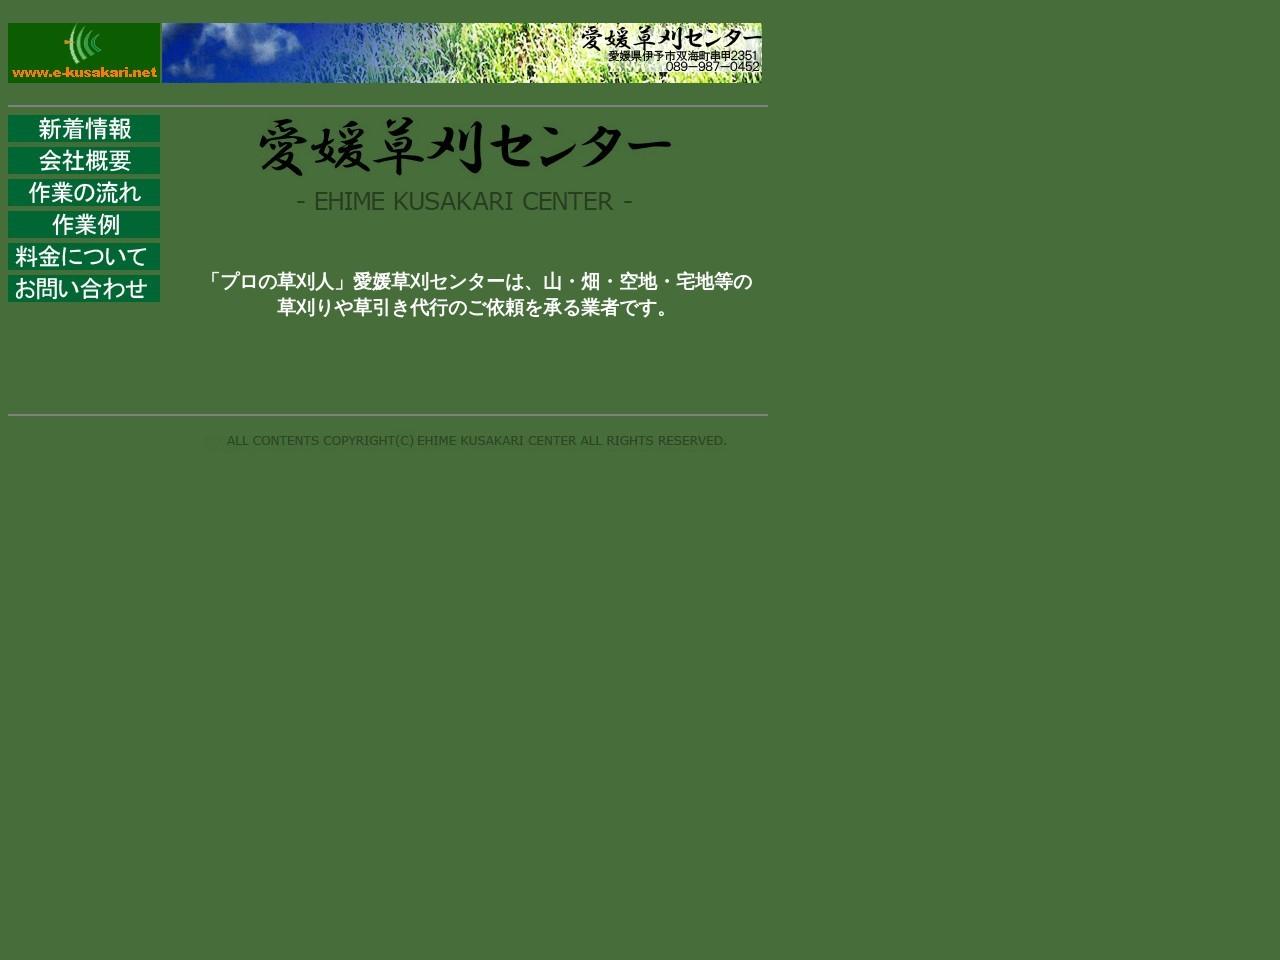 愛媛草刈センター本店